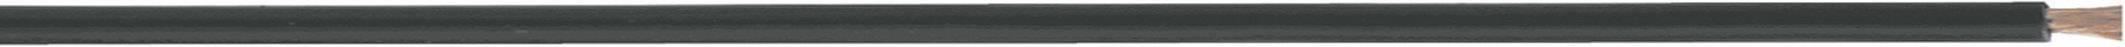 Merací vodič LAPP 4560027S LiFY, 1 x 1 mm², vonkajší Ø 2.90 mm, metrový tovar, zelenožltá